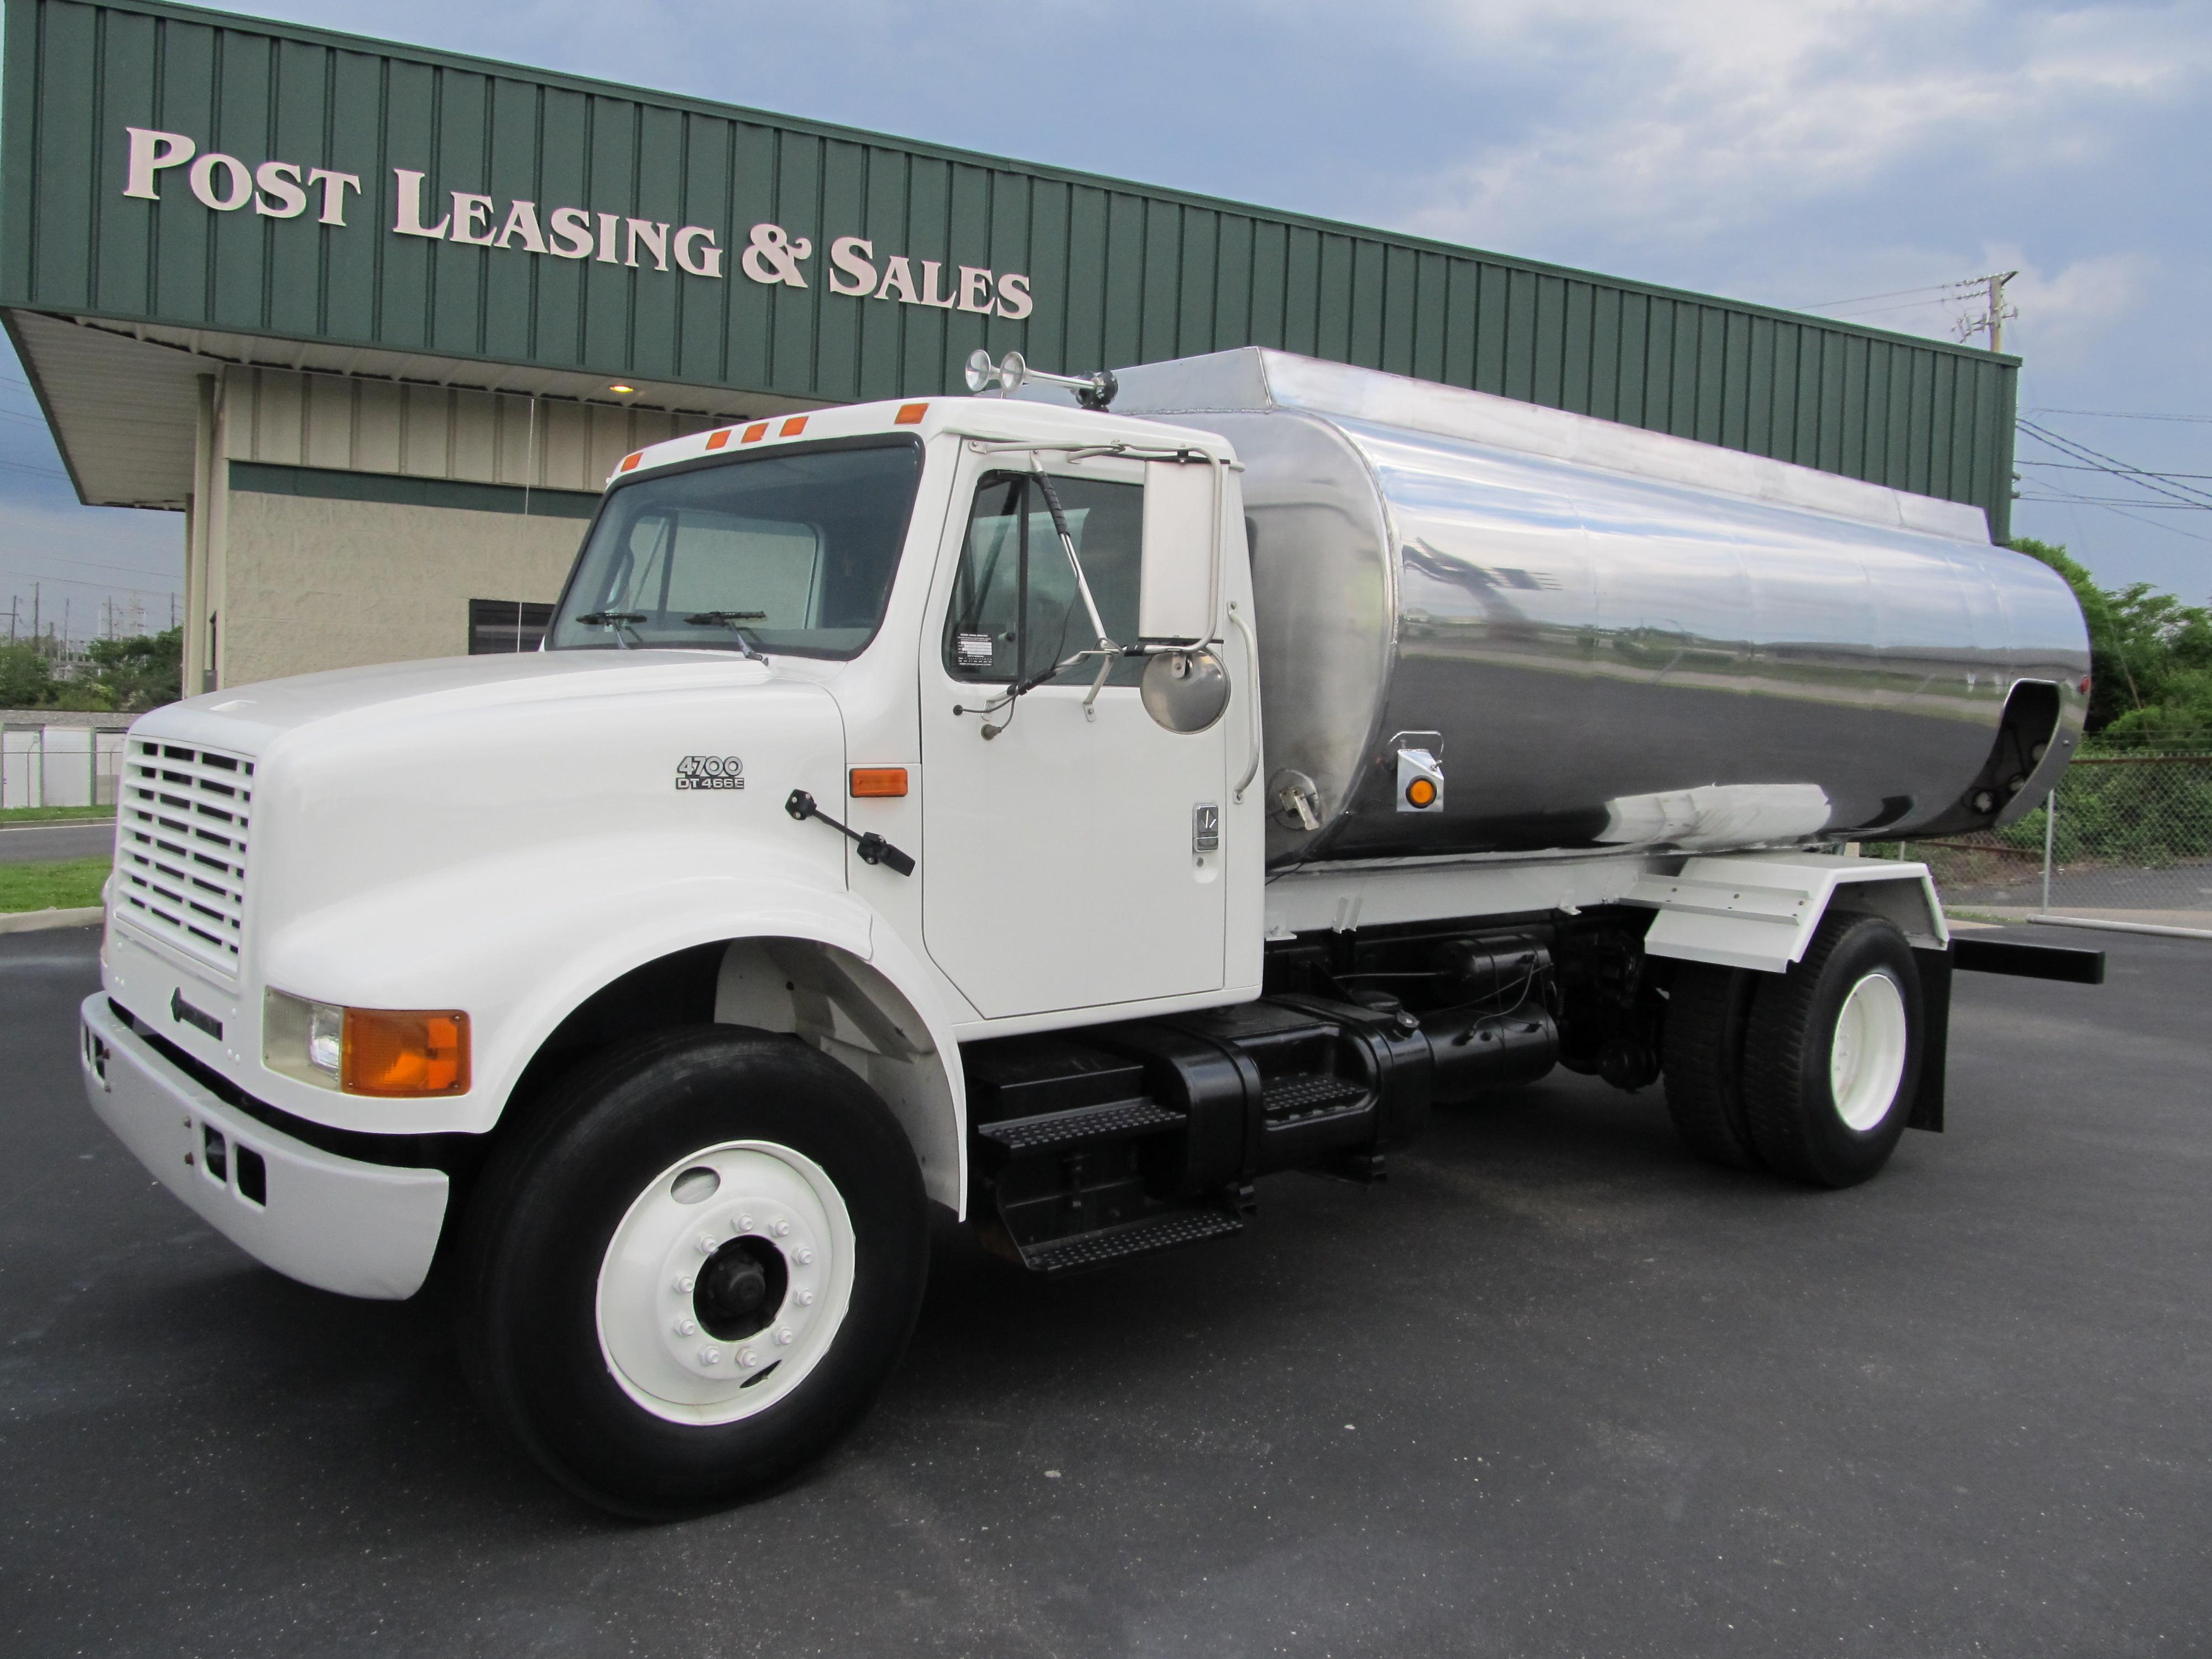 International 4700 Fuel Truck 4300 Wiring Diagram 2004 Bmw 530i Fuse Box